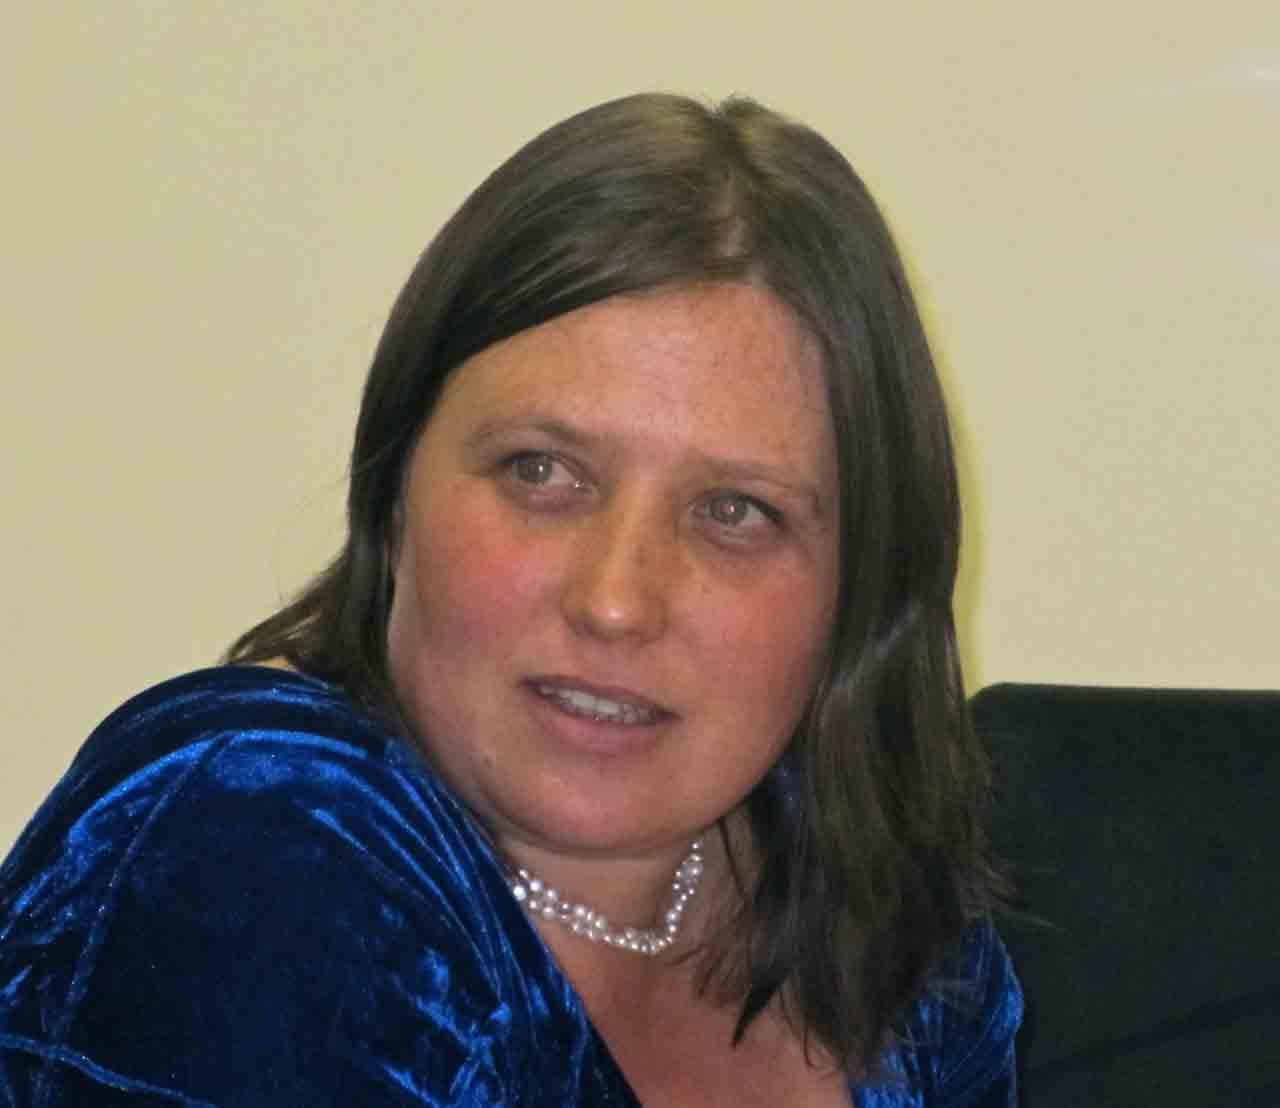 TanyaMottalini